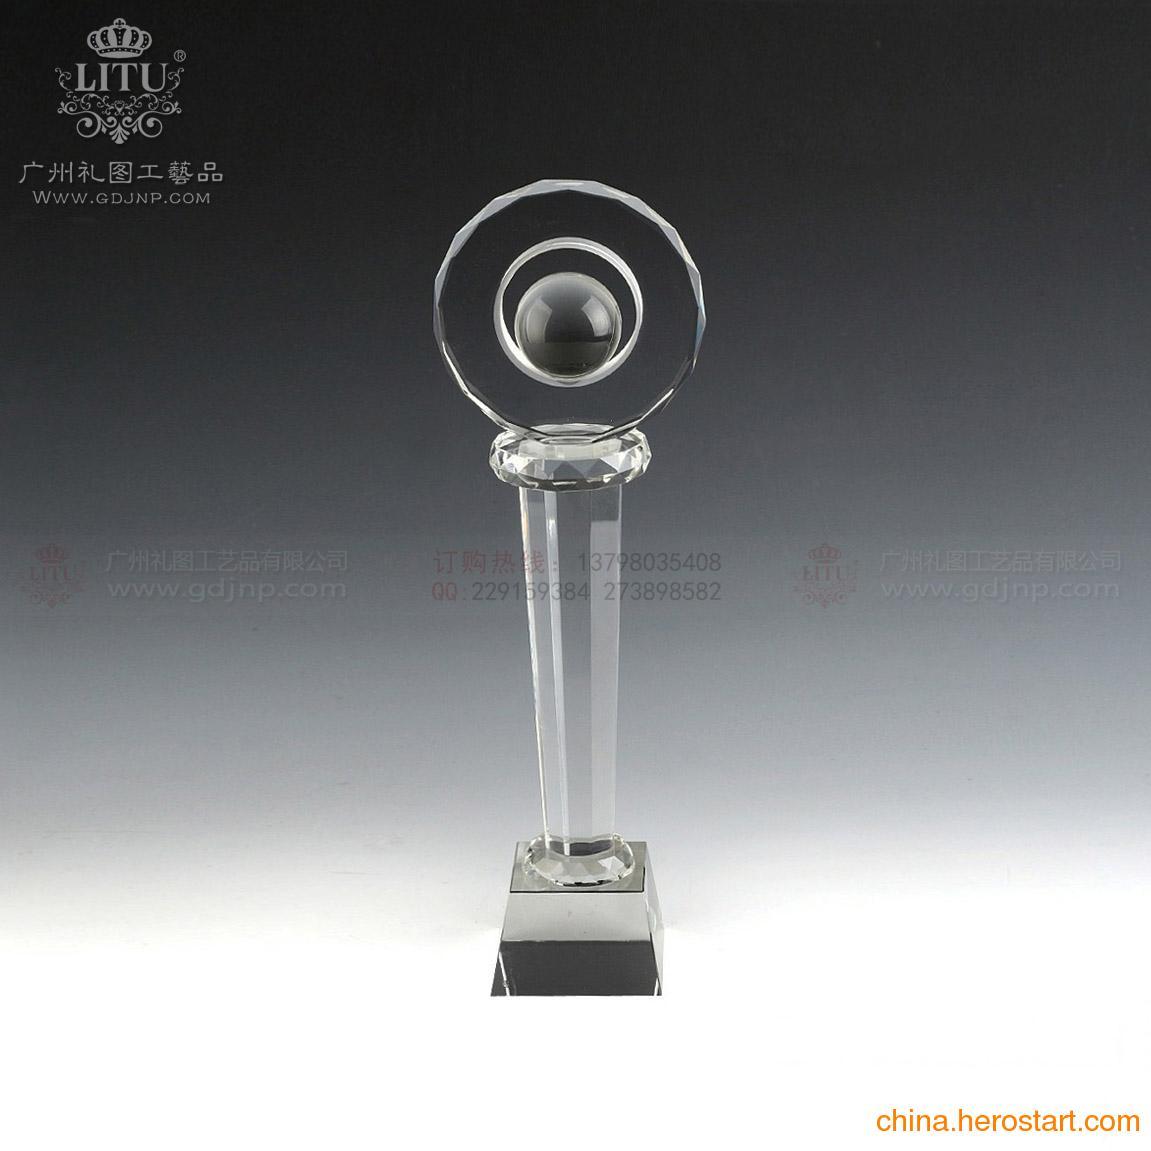 供应批发2015广州水晶奖杯,2015新款奖杯,创新新颖水晶奖杯奖牌